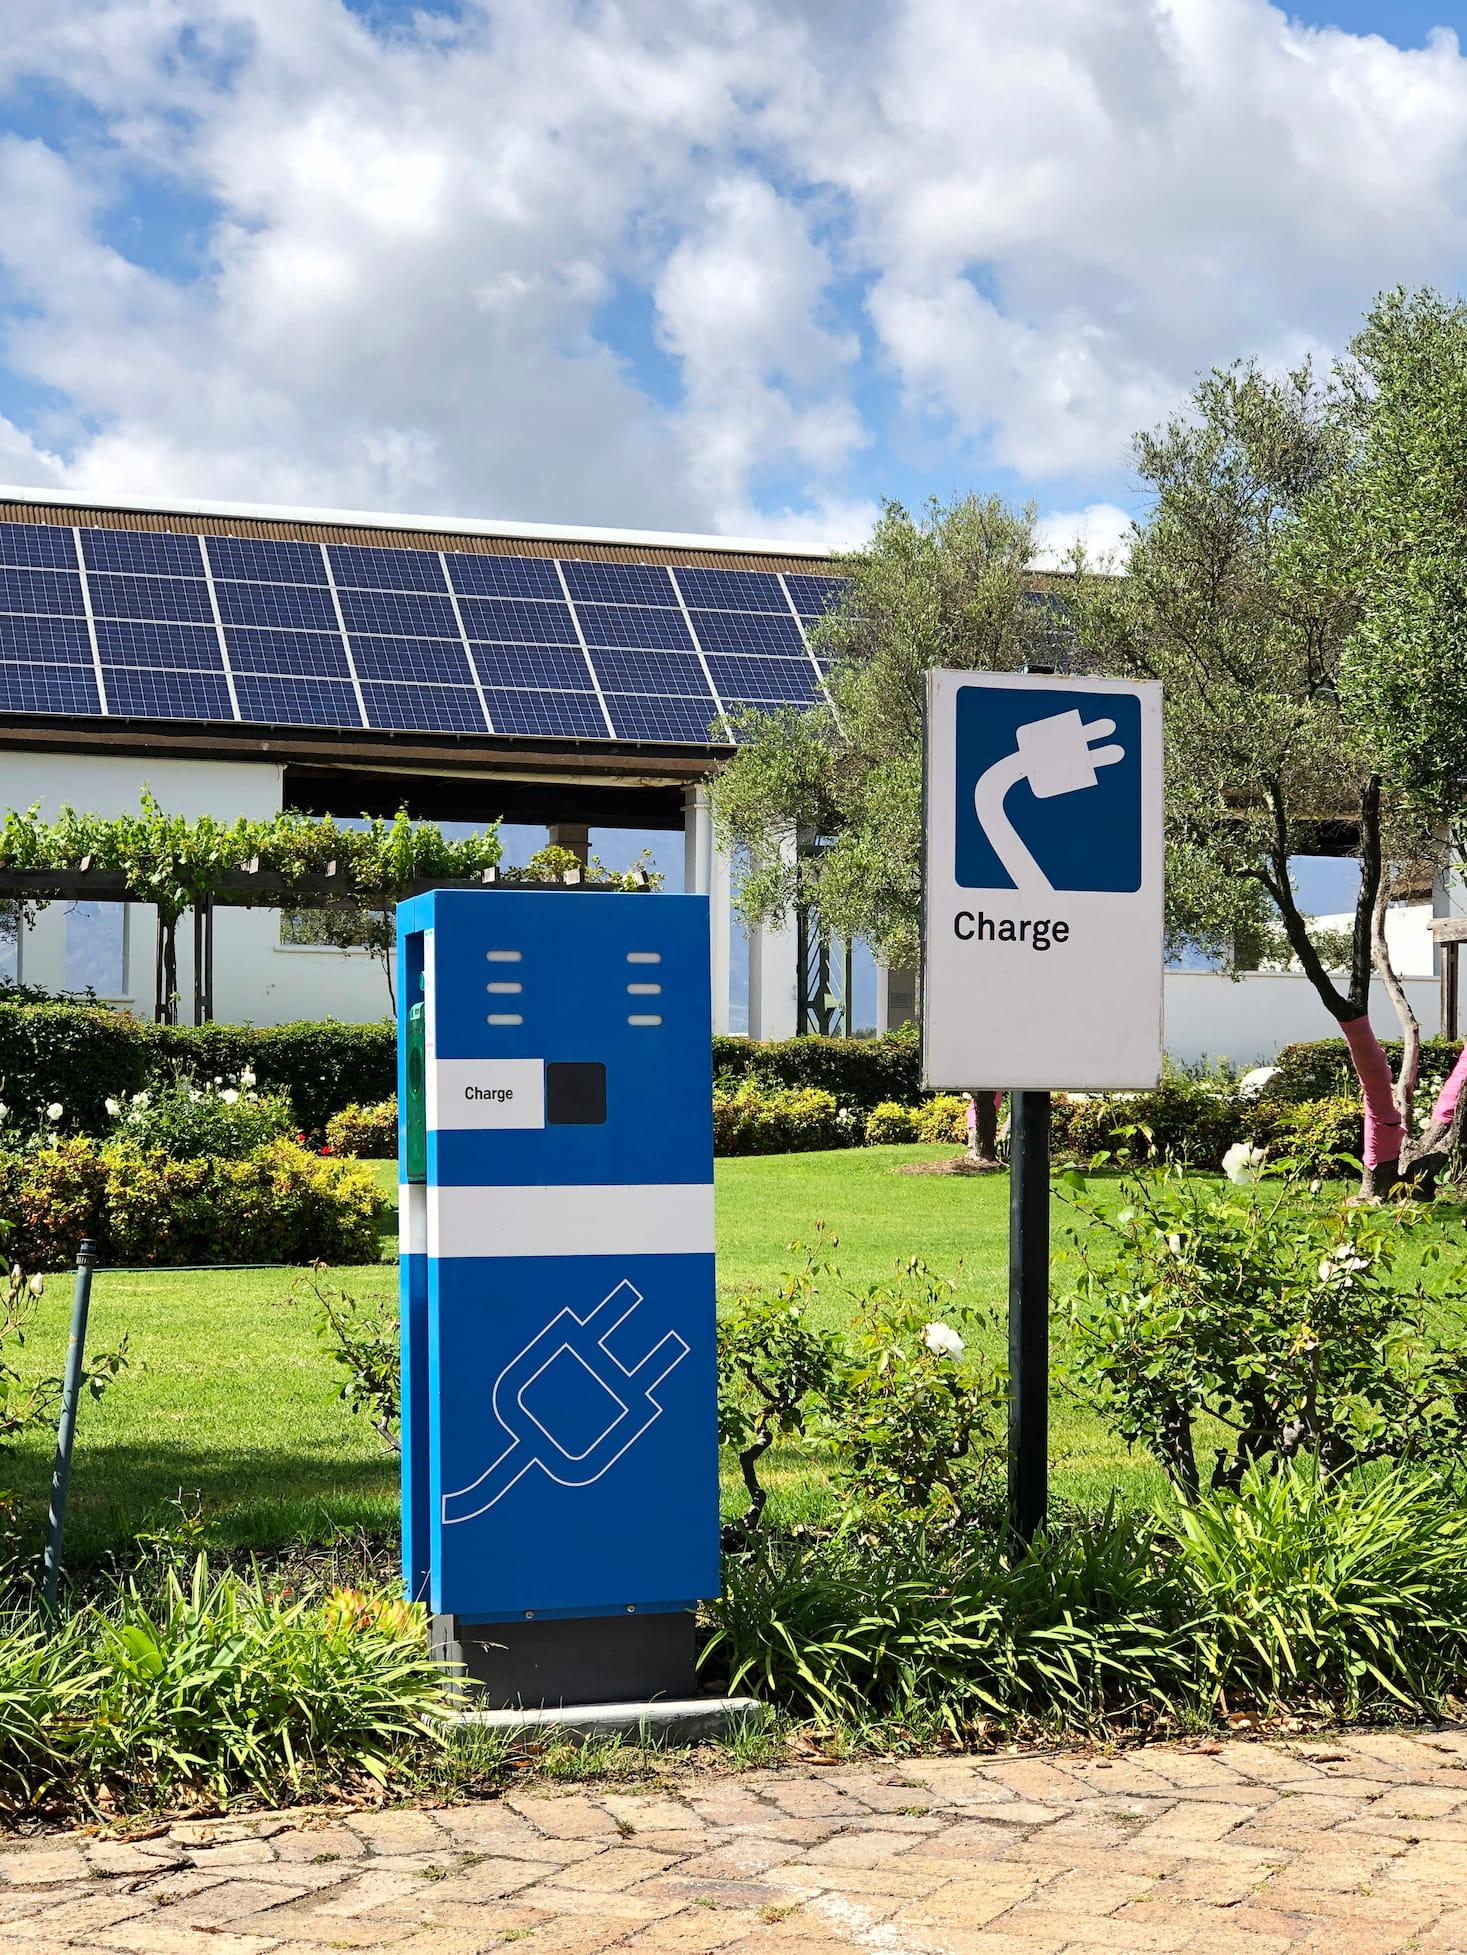 Station de recharge électrique pour voitures avec énergie solaire et panneaux solaires | Energreen